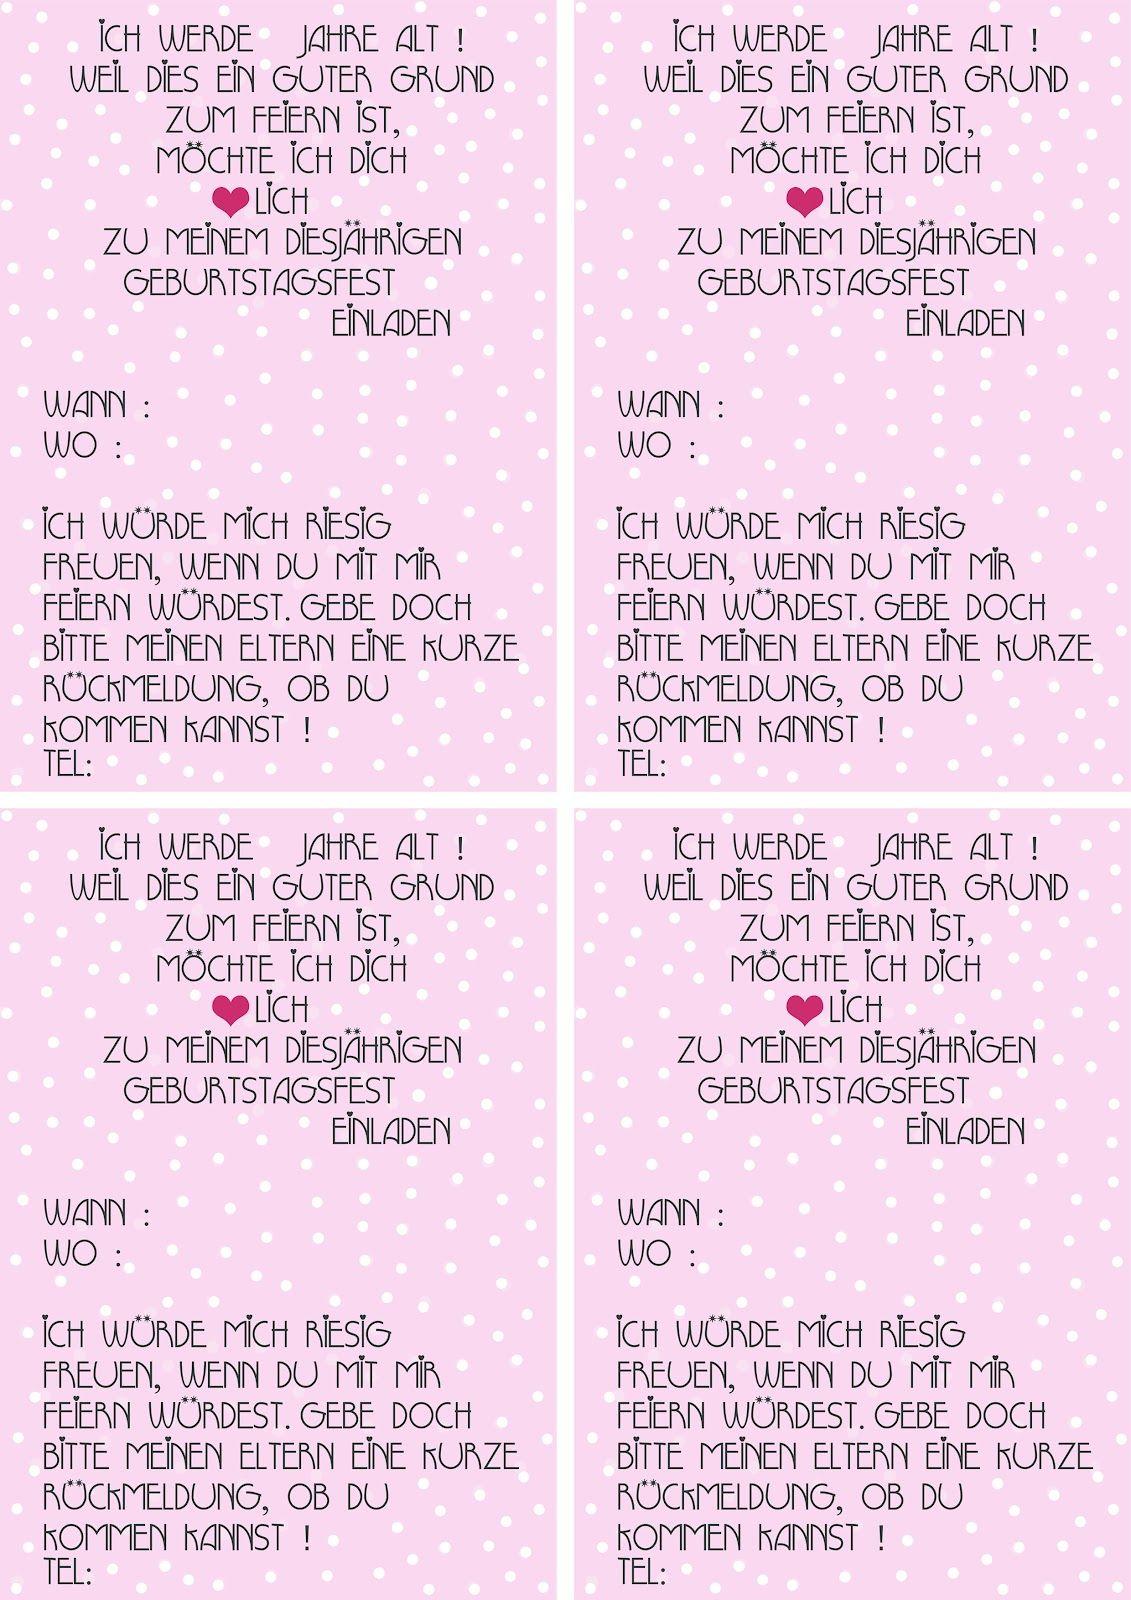 Leni Einladung 2012 Jpg 1 131 1 600 Pixel Mit Bildern